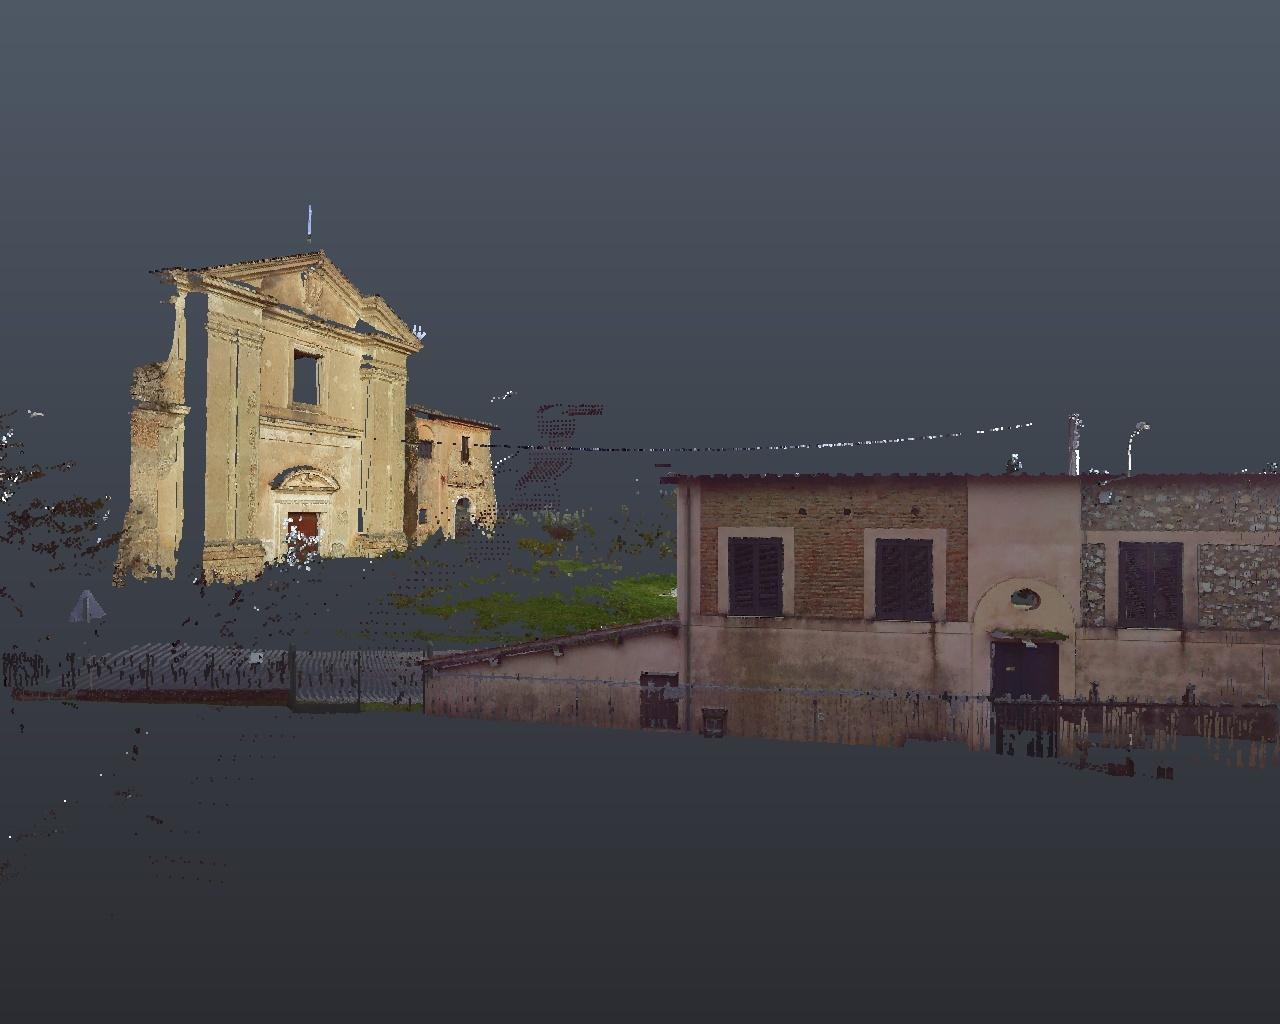 Rilievo laser scanner: Chiesa San Biagio Cantalupo (Rieti) - facciata frontale (distanza)